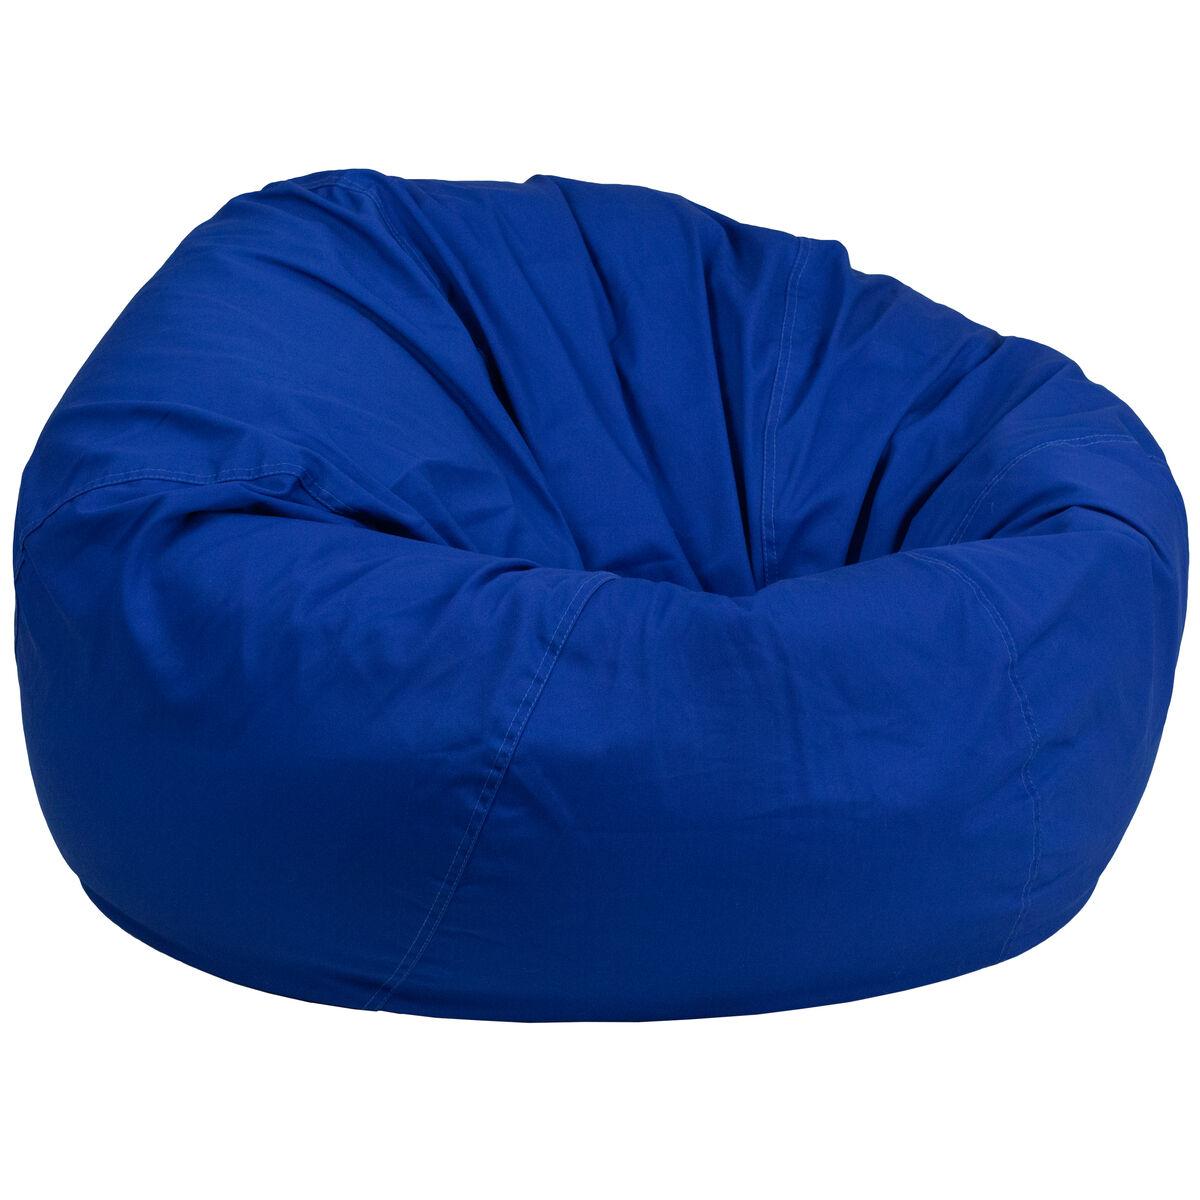 Royal Blue Bean Bag Chair Dg Bean Large Solid Roybl Gg